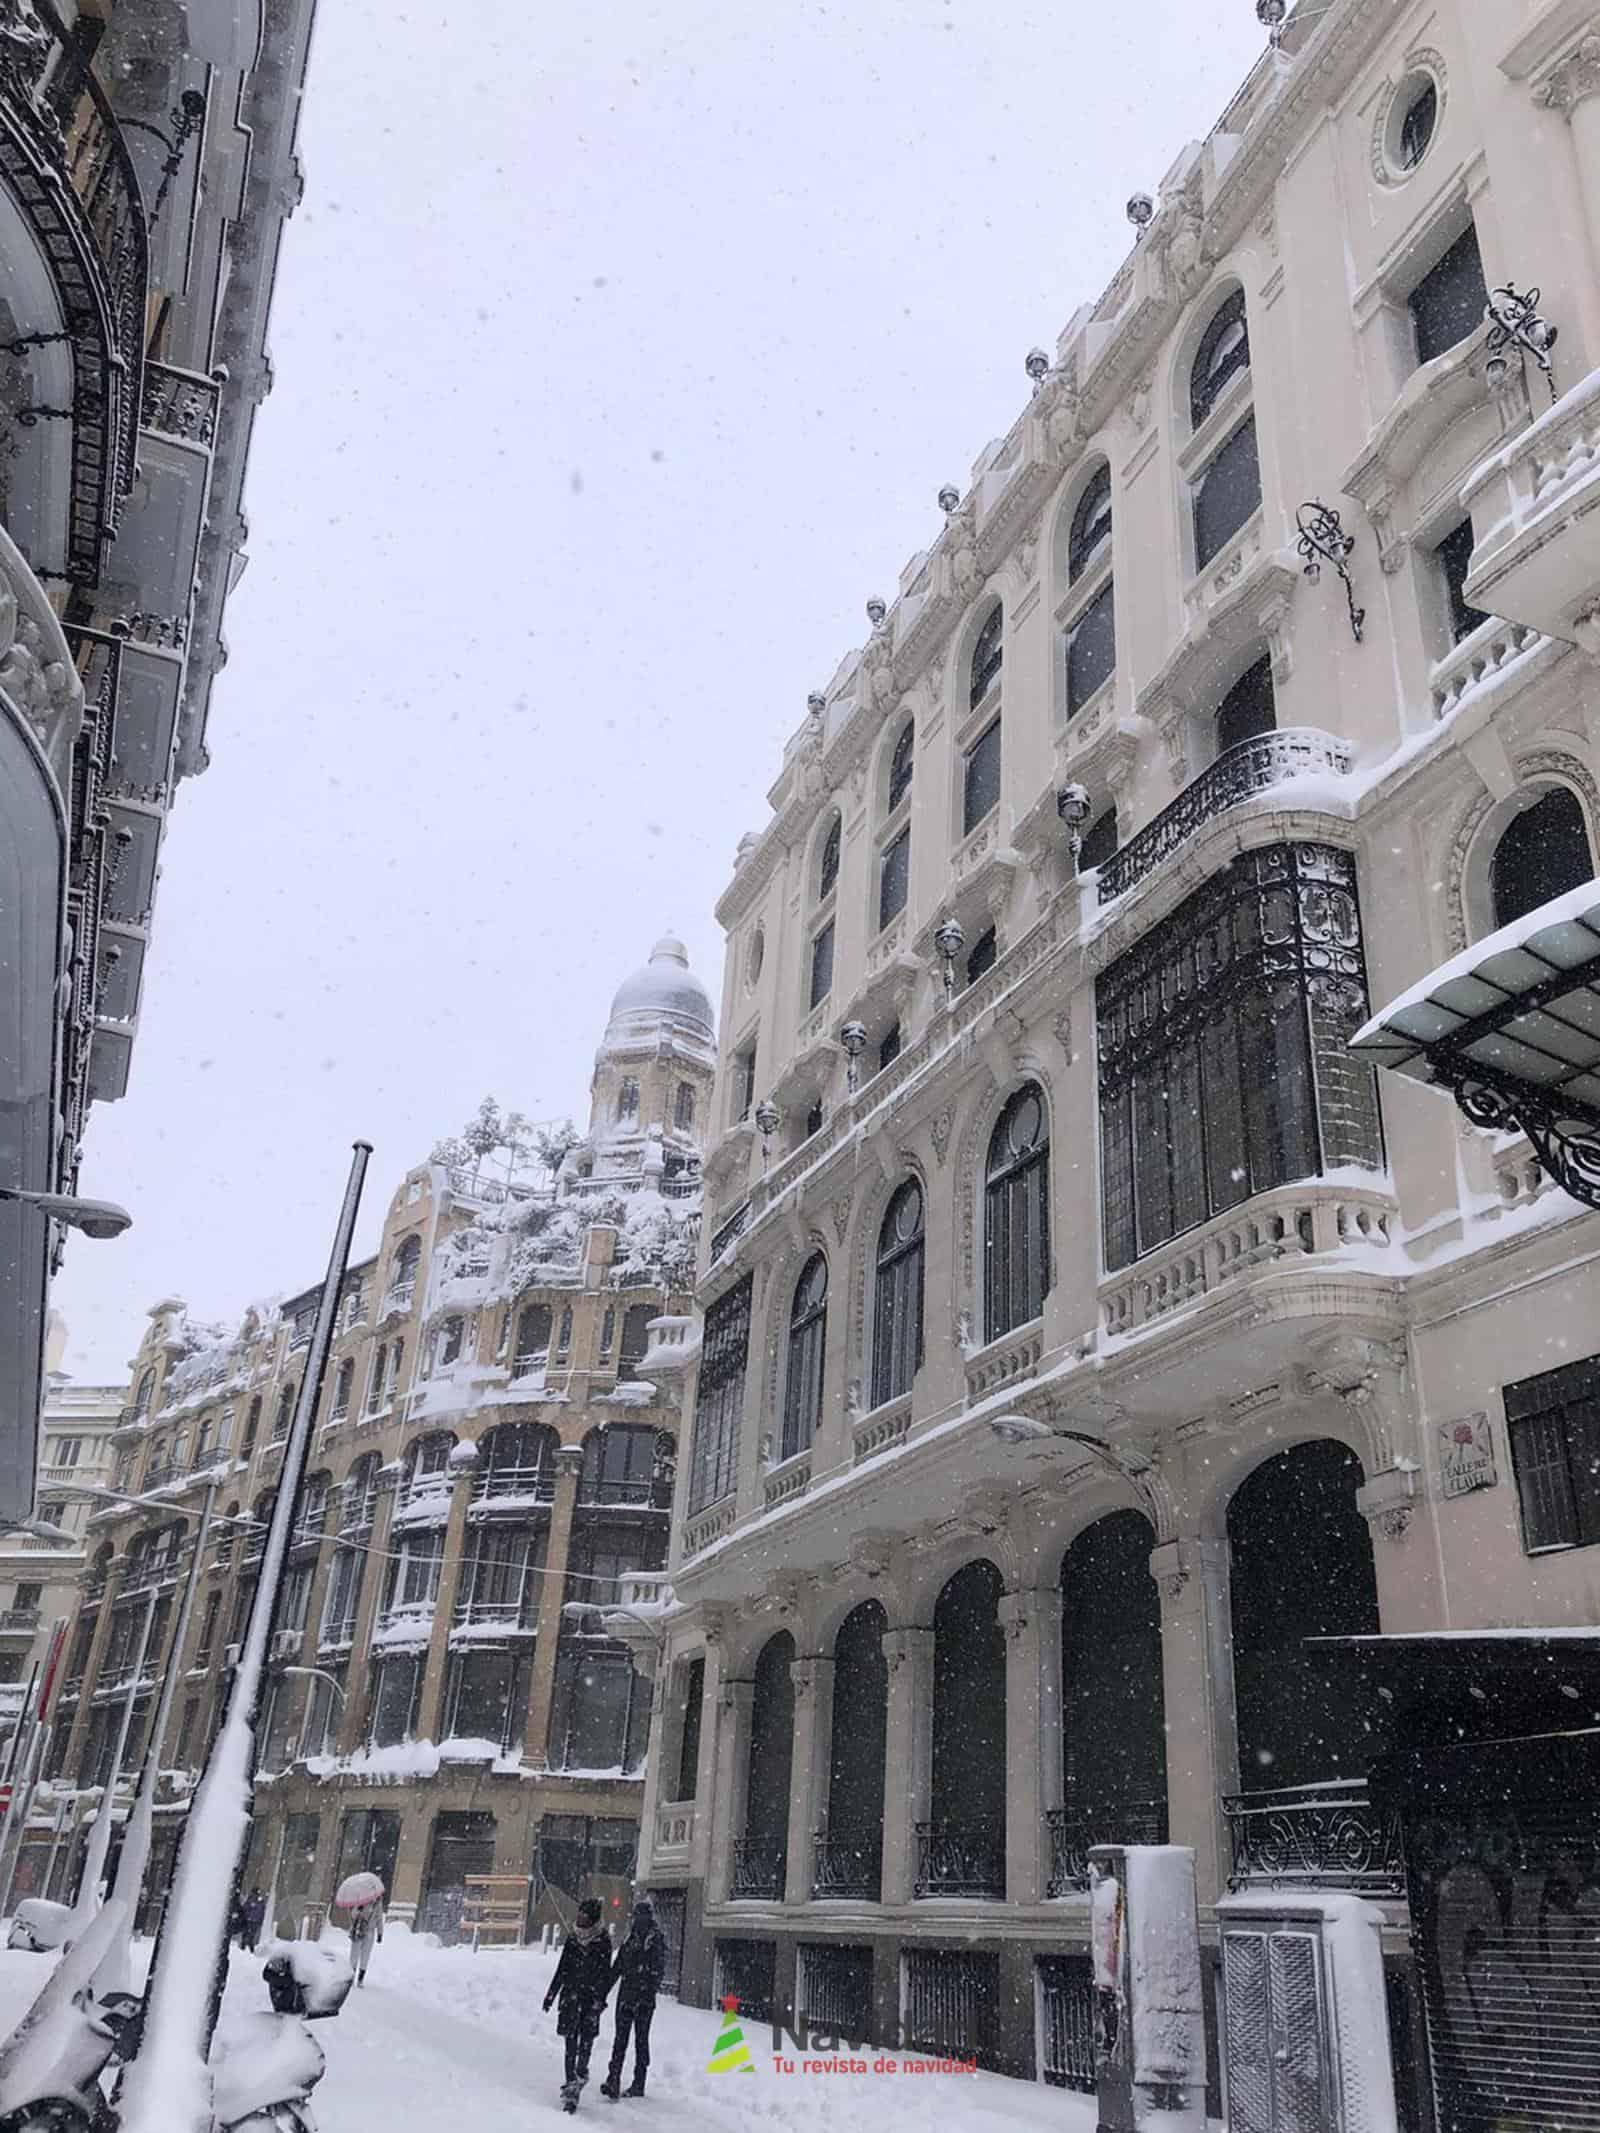 Fotografías de la nevada de enero en Madrid (España) 179